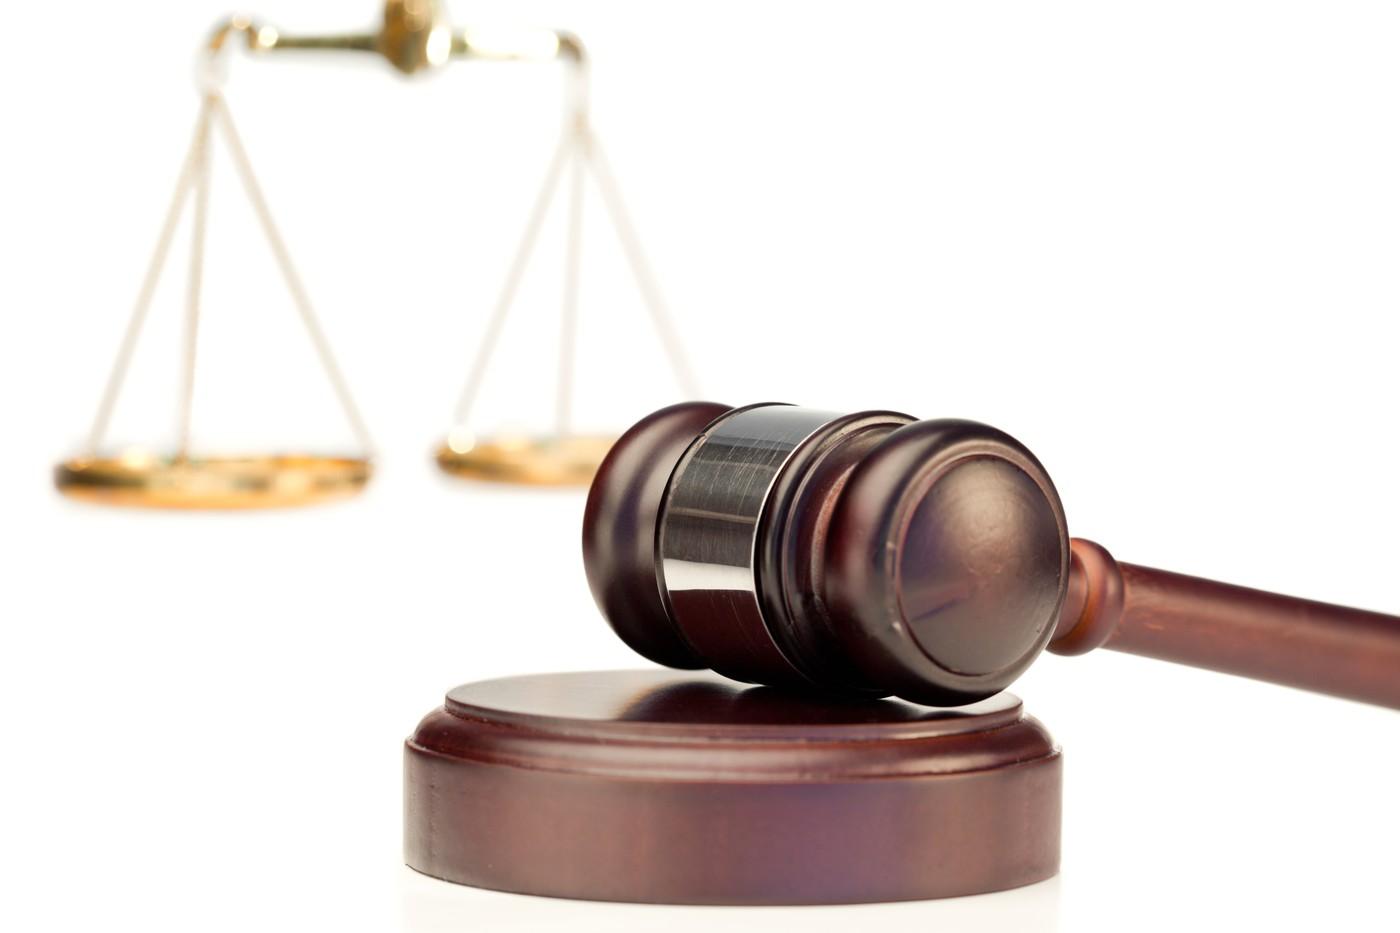 Sud vratio optužnicu protiv Mehmetaja